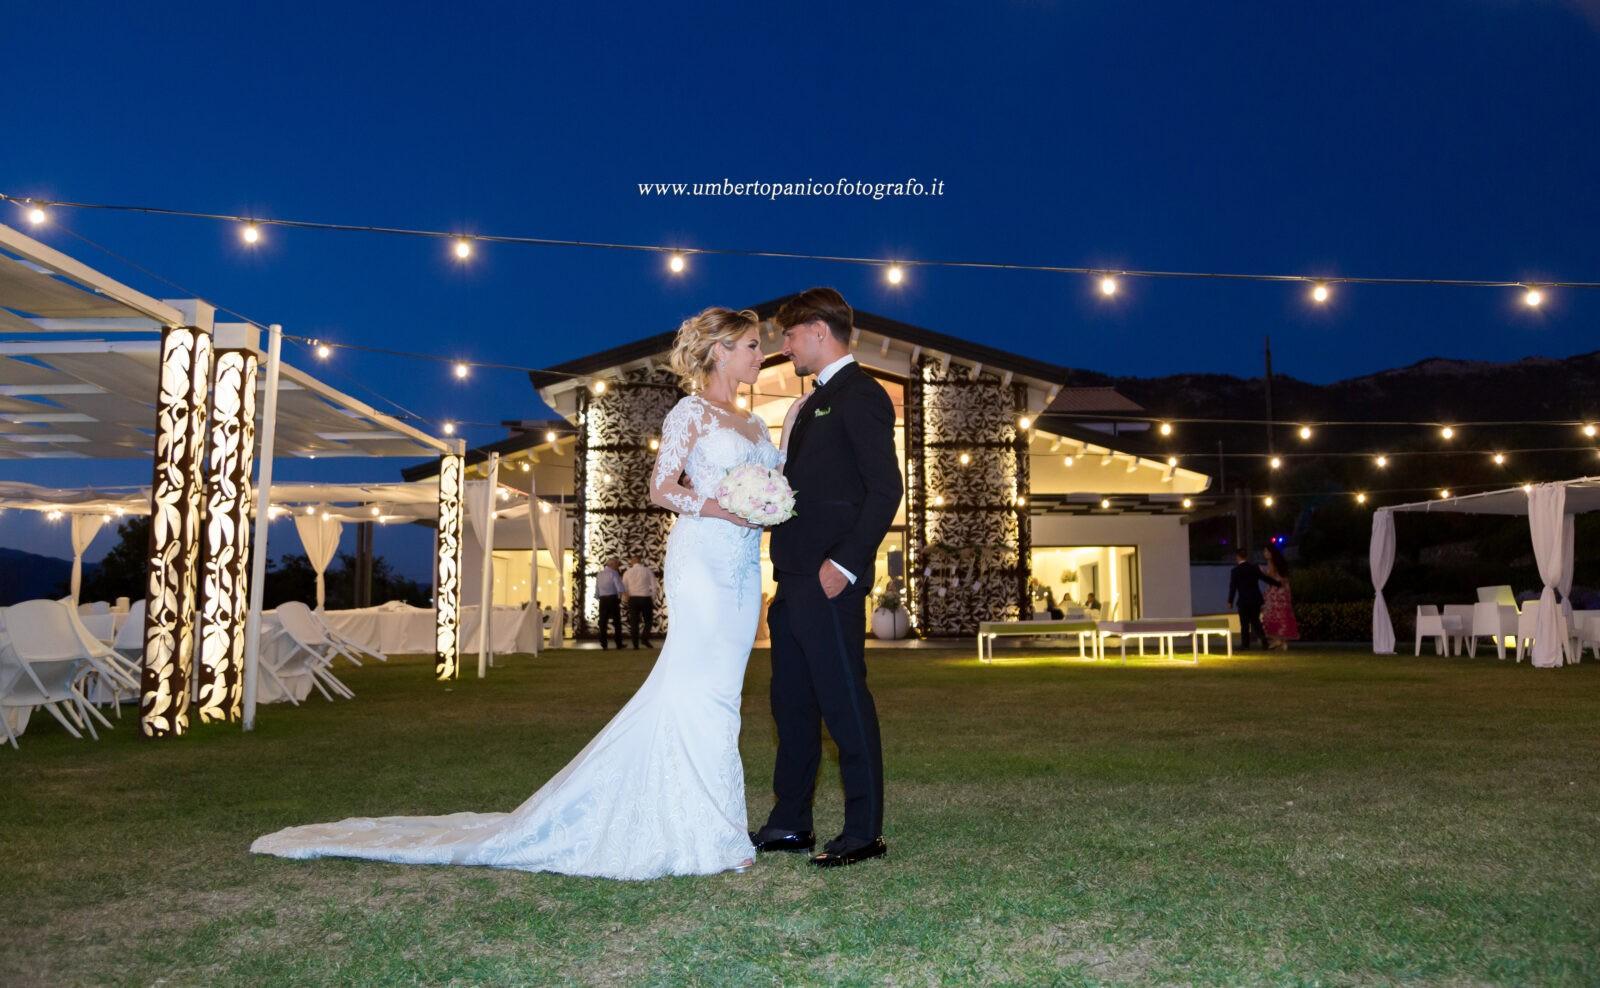 Il matrimonio live social di Antonio e Sofia: testimonial SposIn Campania 2020